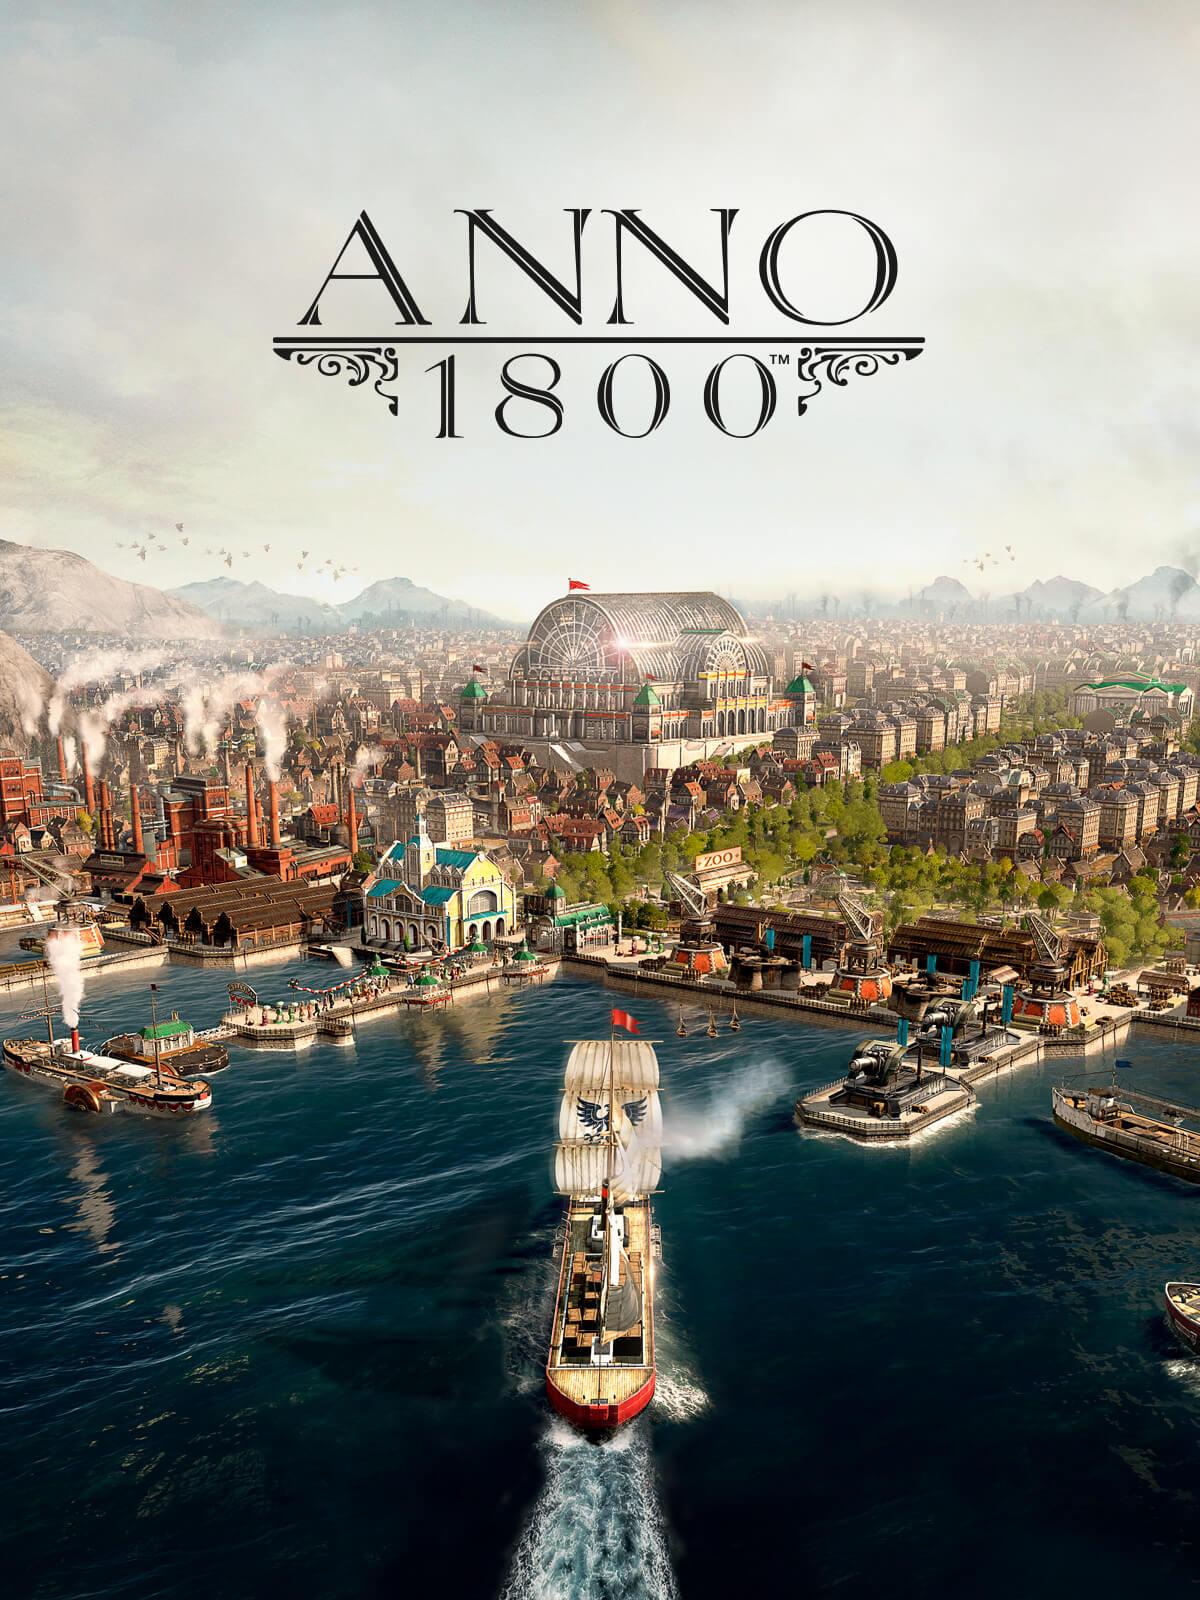 Anno 1800 (Standard edition) Epic